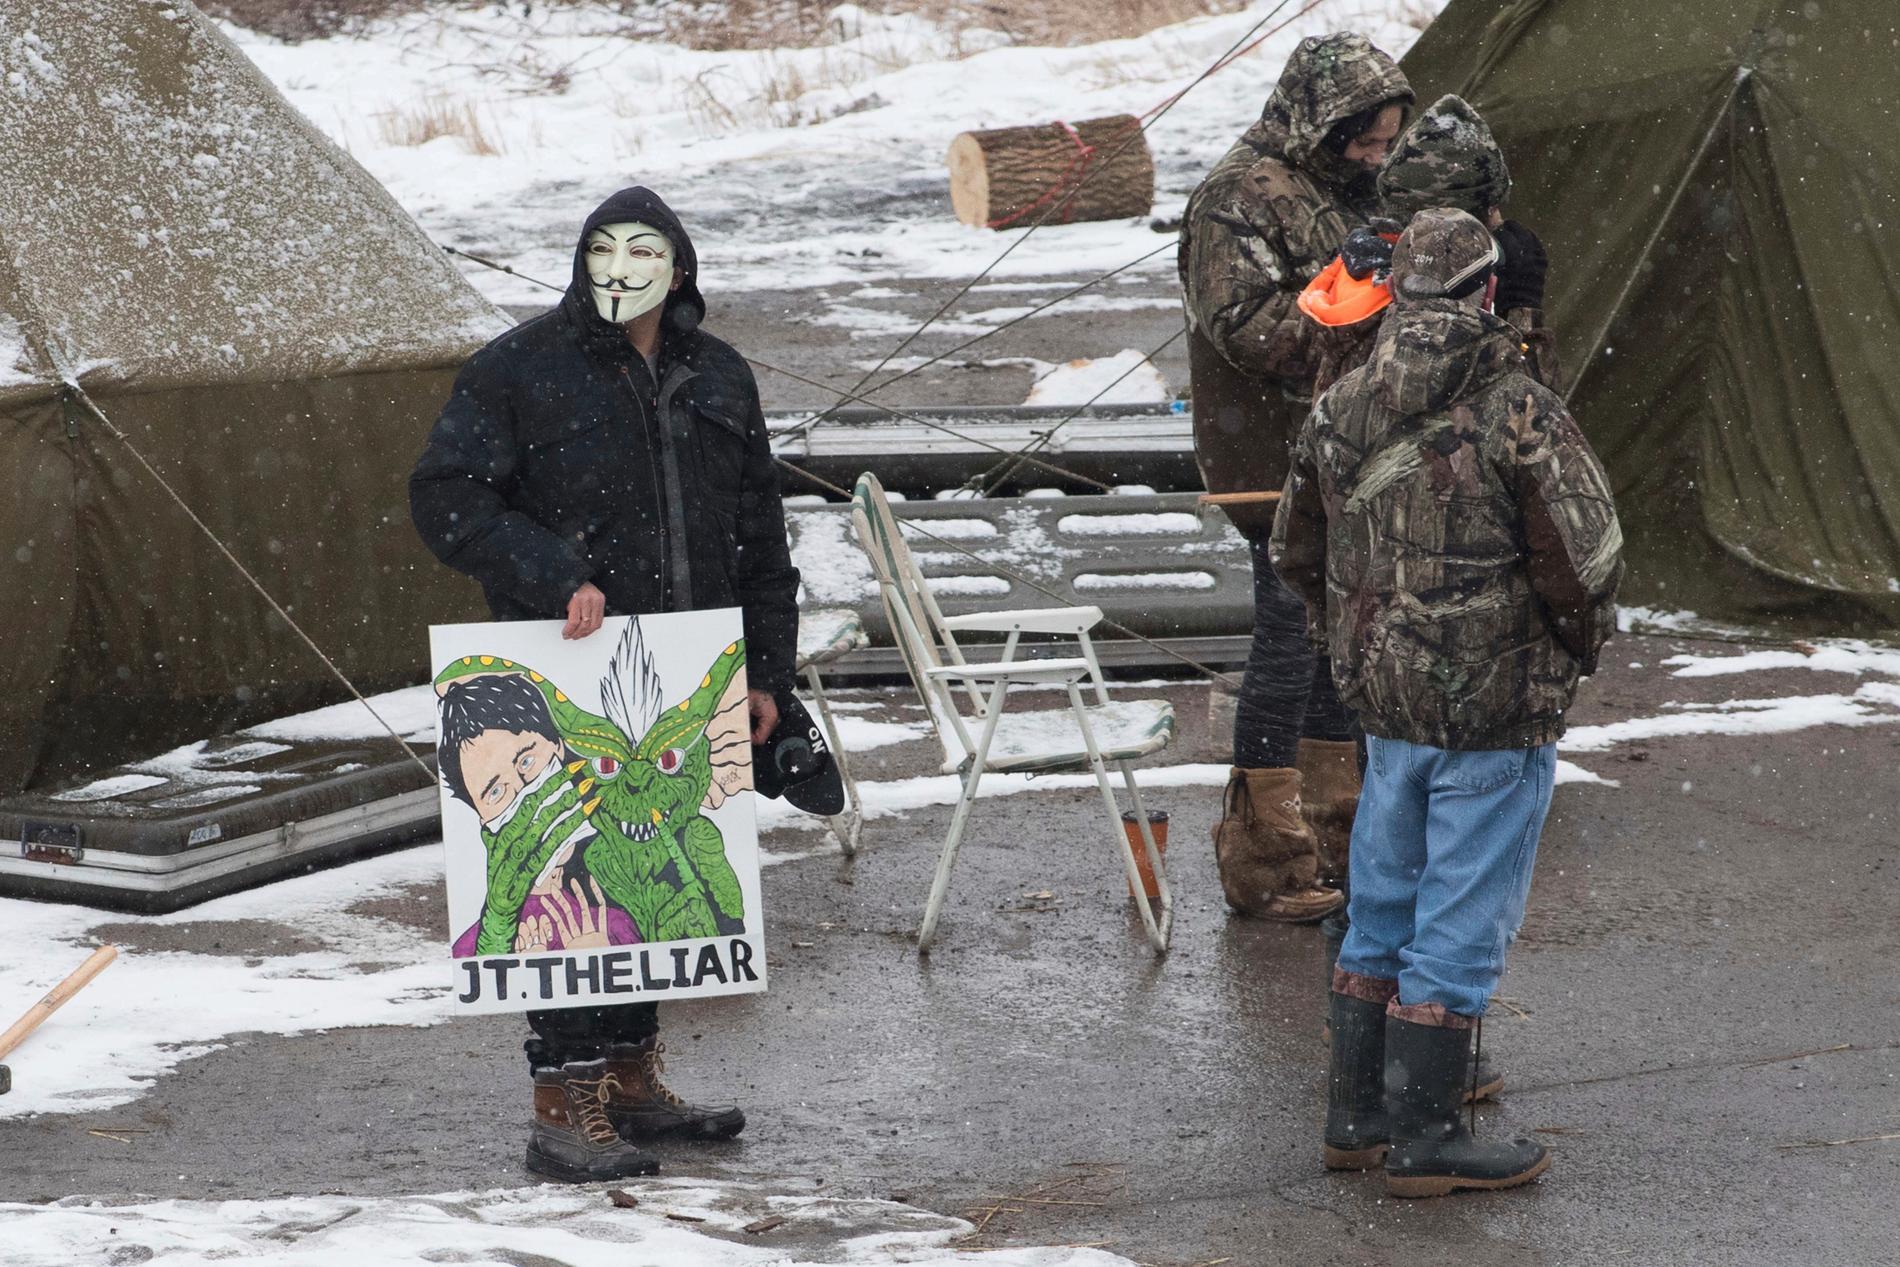 Demonstranter vid ett protestläger i närheten av Belleville i Ontario.